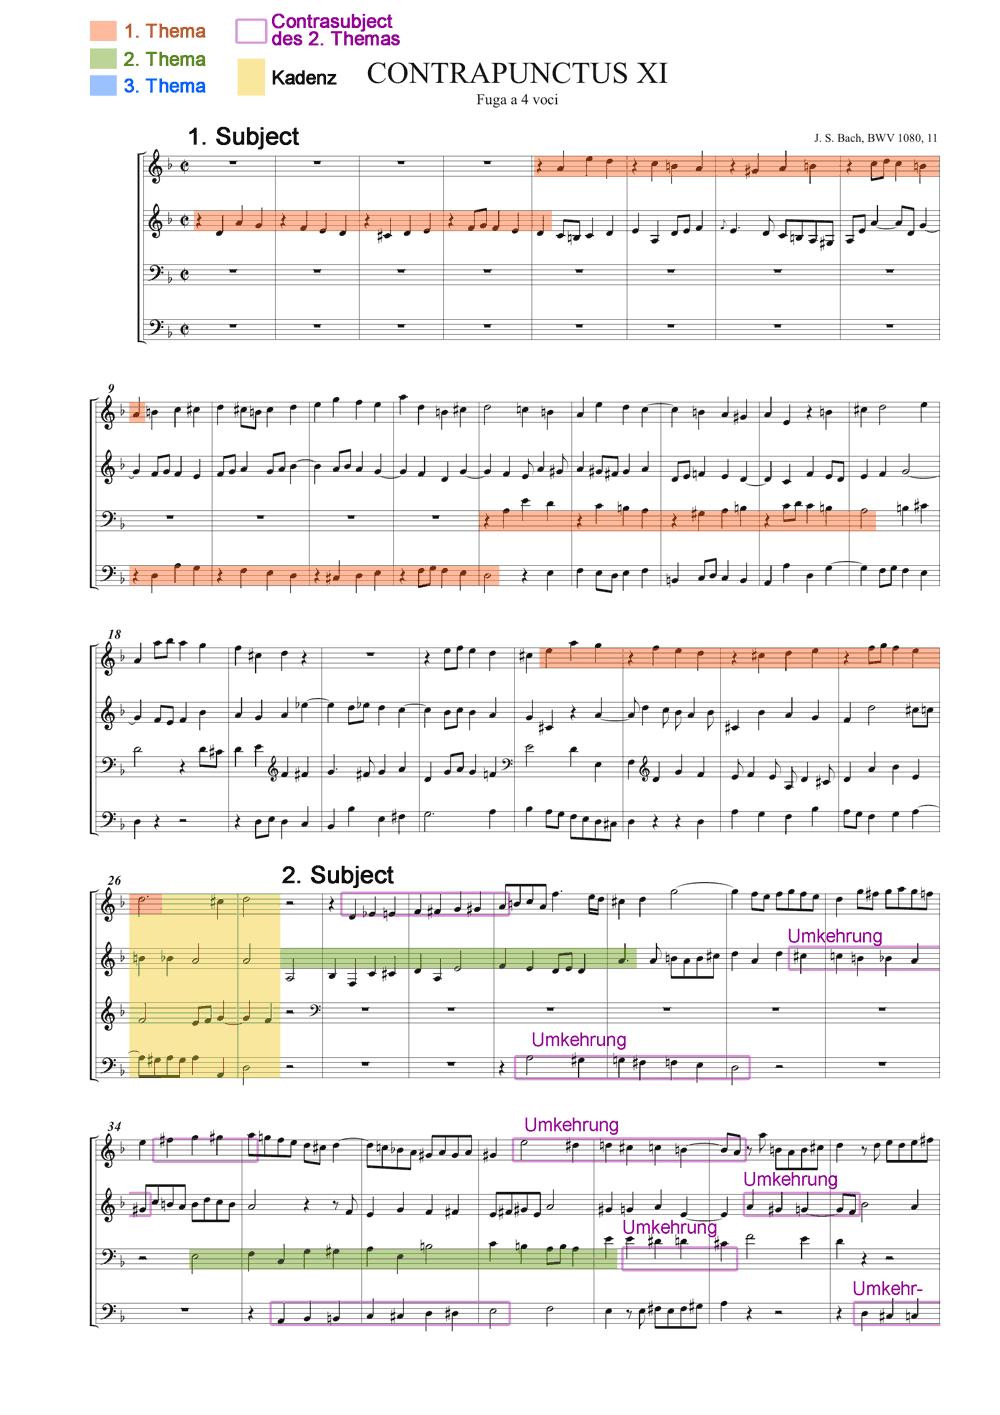 Analyse Fuge Bwv 108011